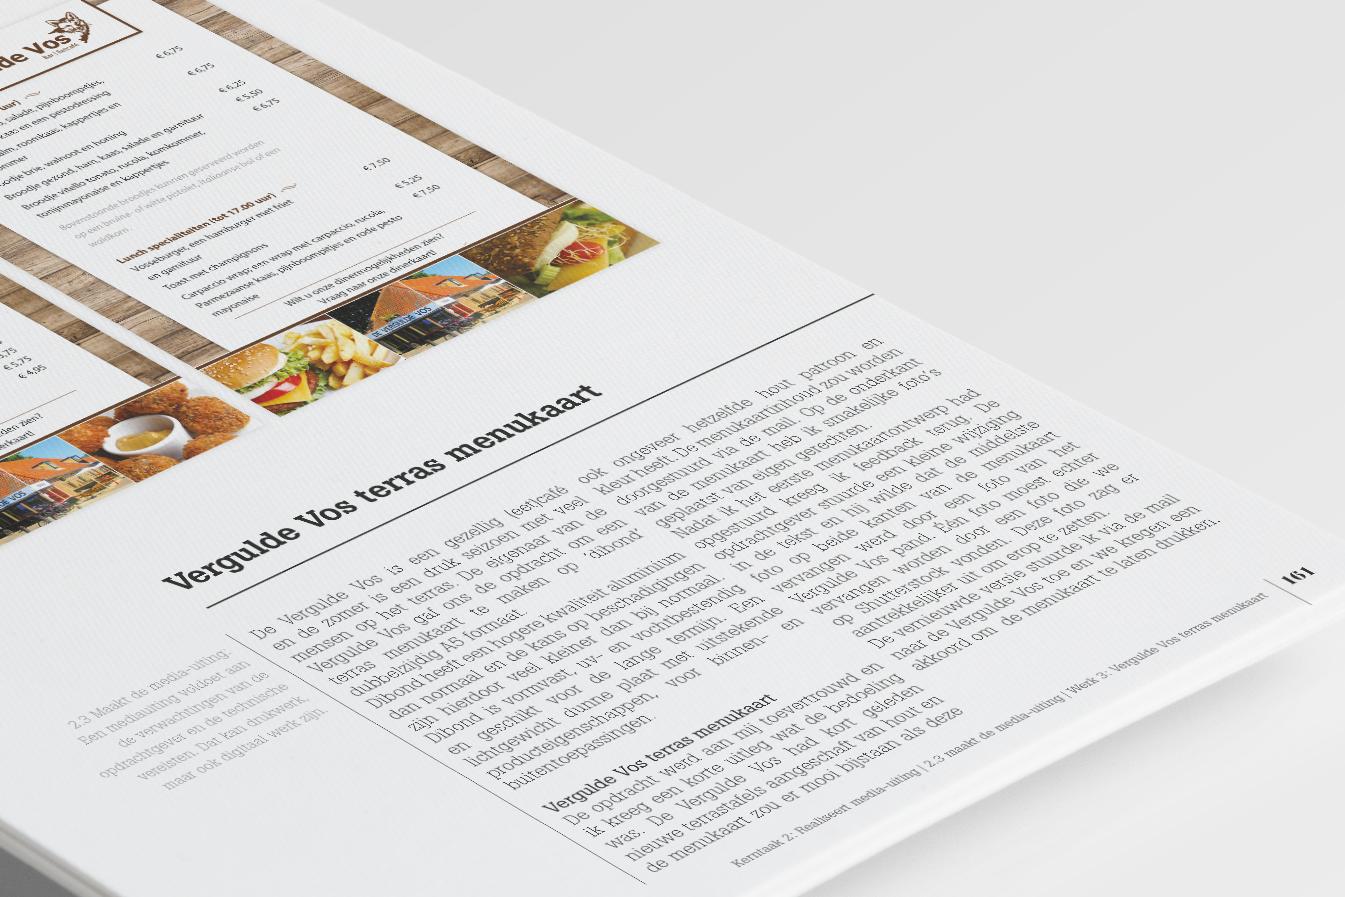 GLR Bewijzenboek Vergulde Vos menukaart pagina